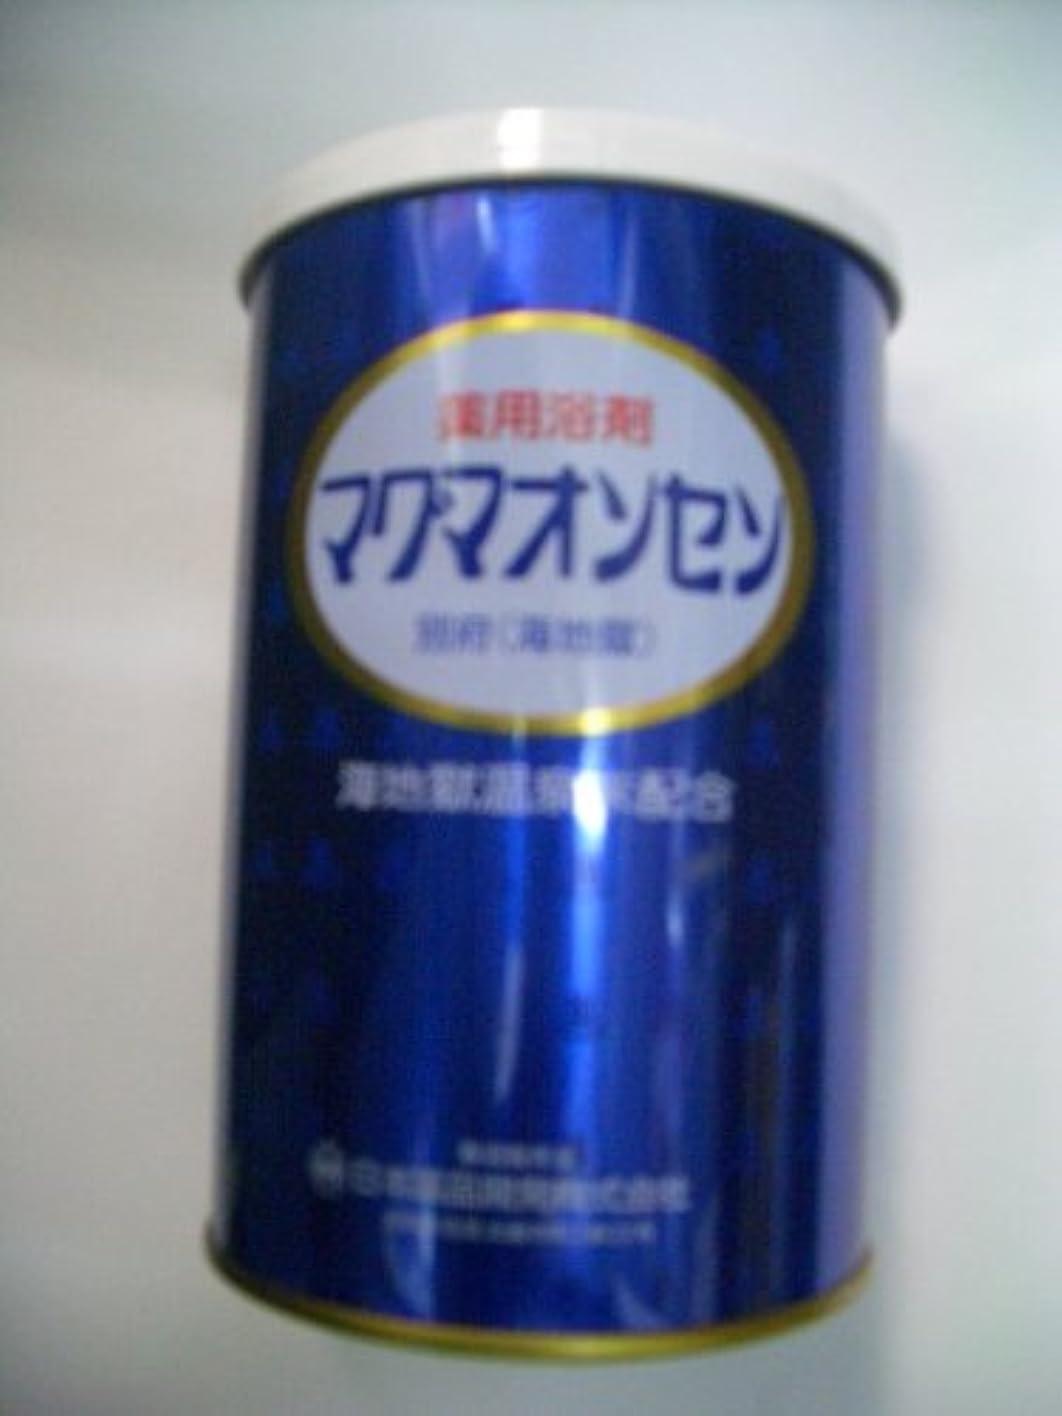 聖域マイク講堂別府温泉 【マグマ温泉】(海地獄)缶入500g 6個+1包